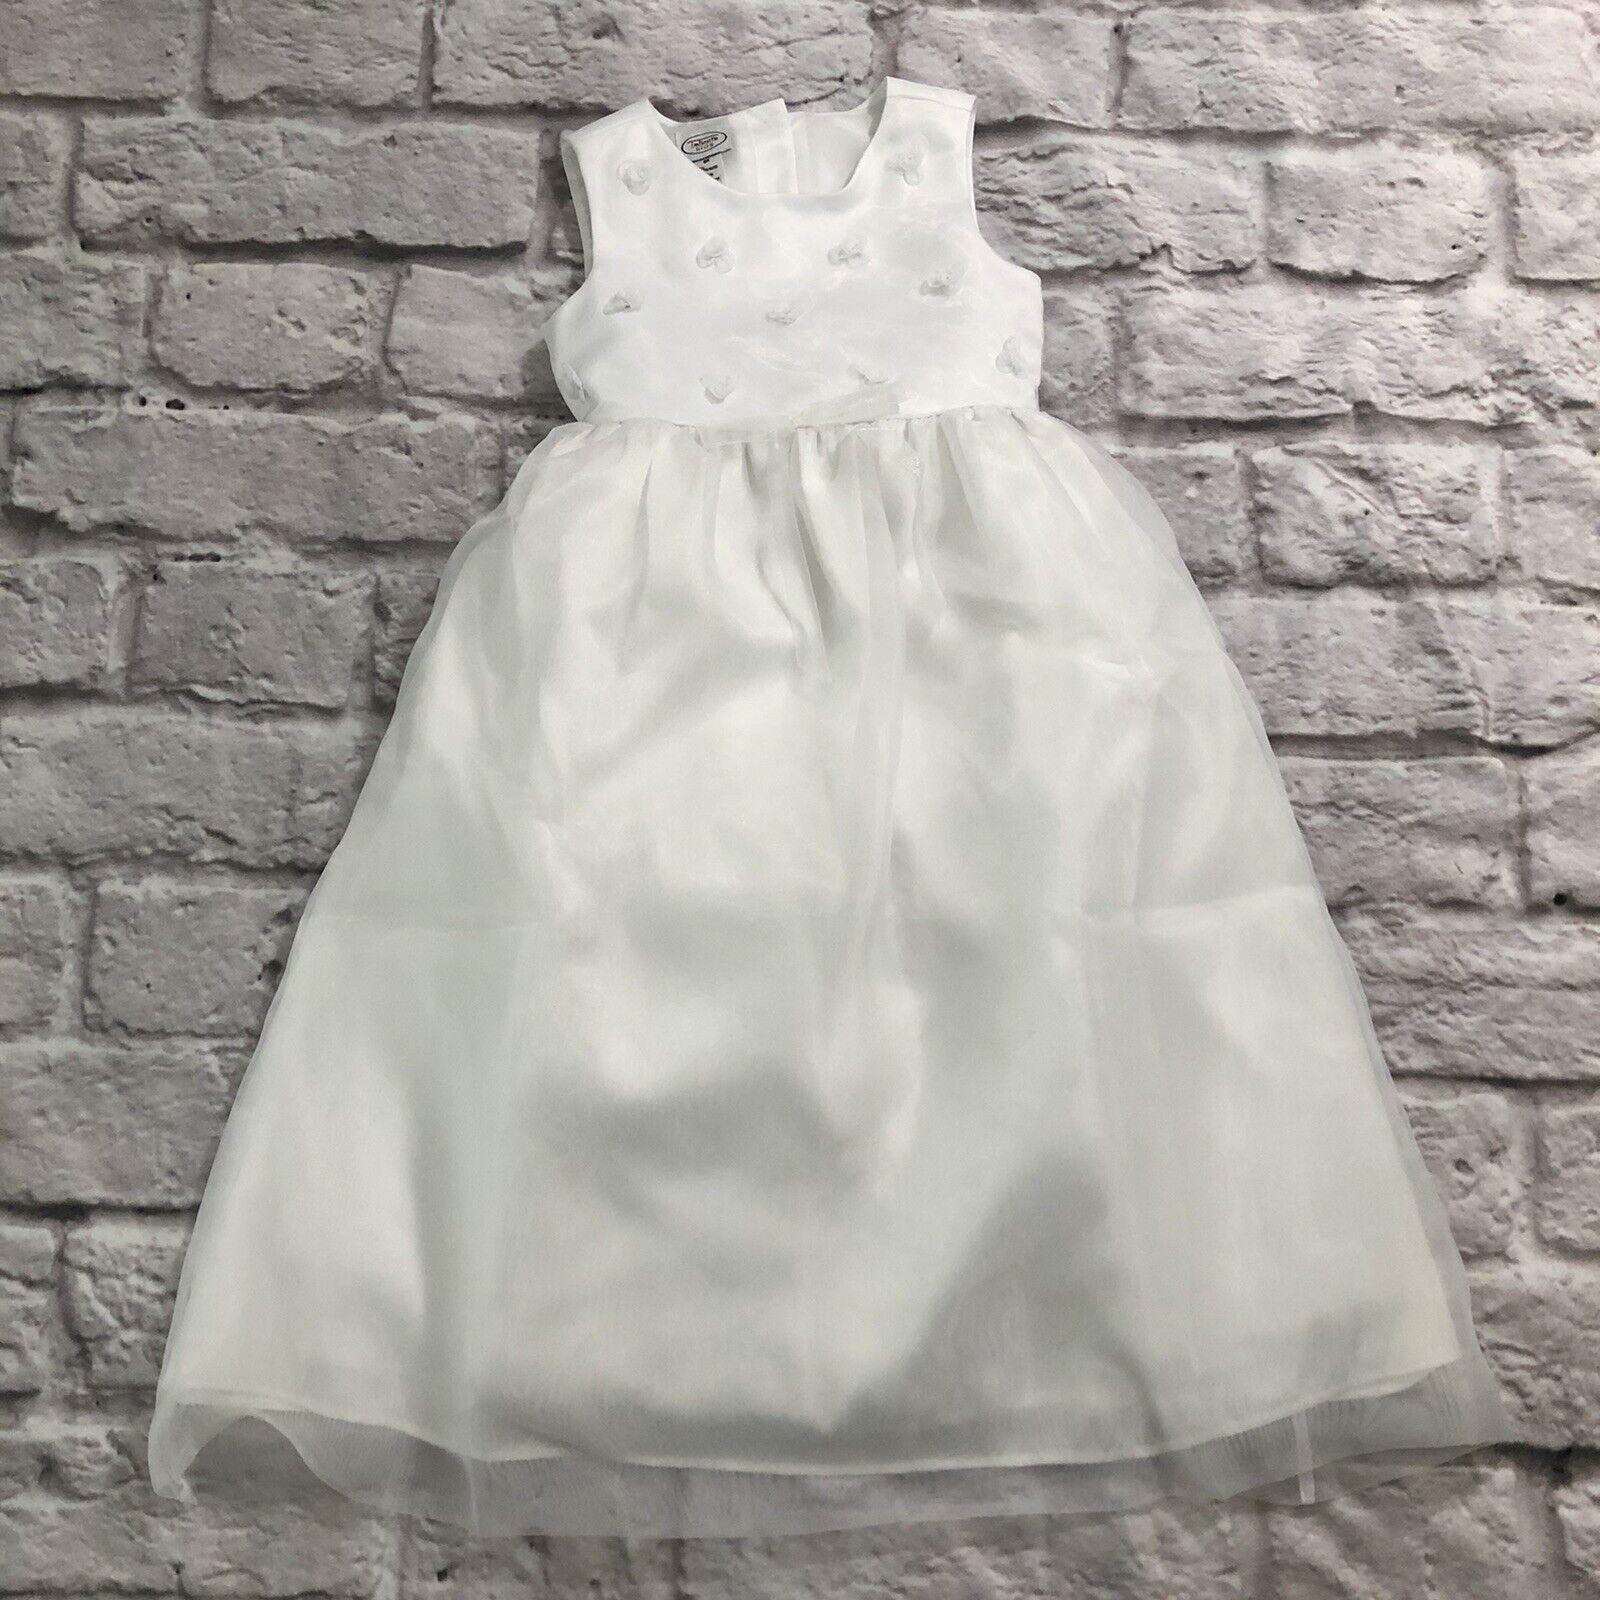 Talbots Kids Flower Girl Dress White Tulle Size 6X